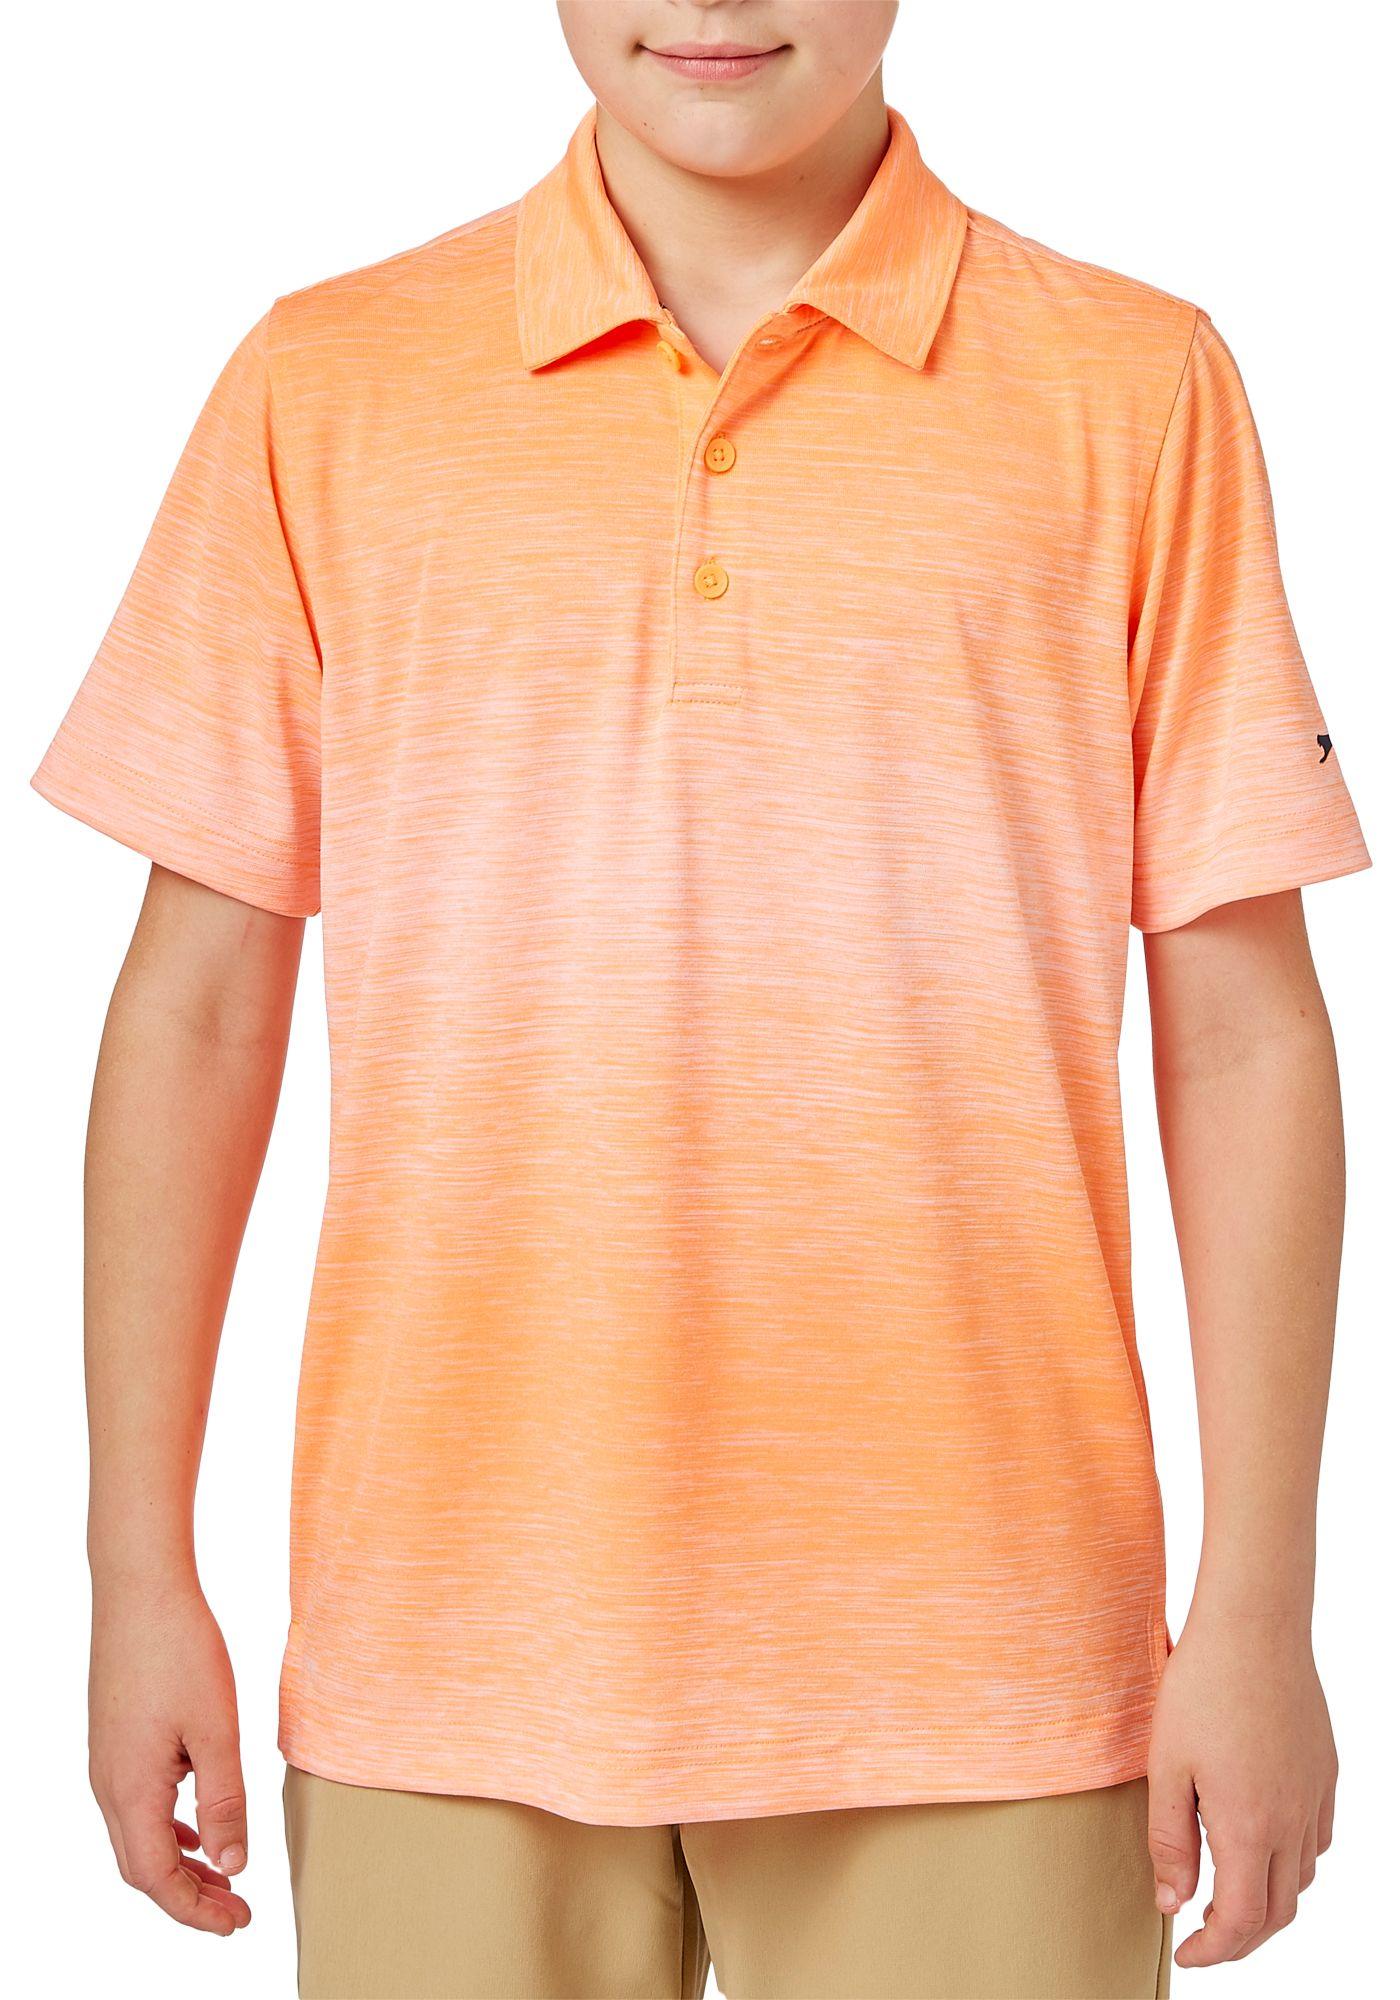 Slazenger Boys' Core Ombre Heather Golf Polo